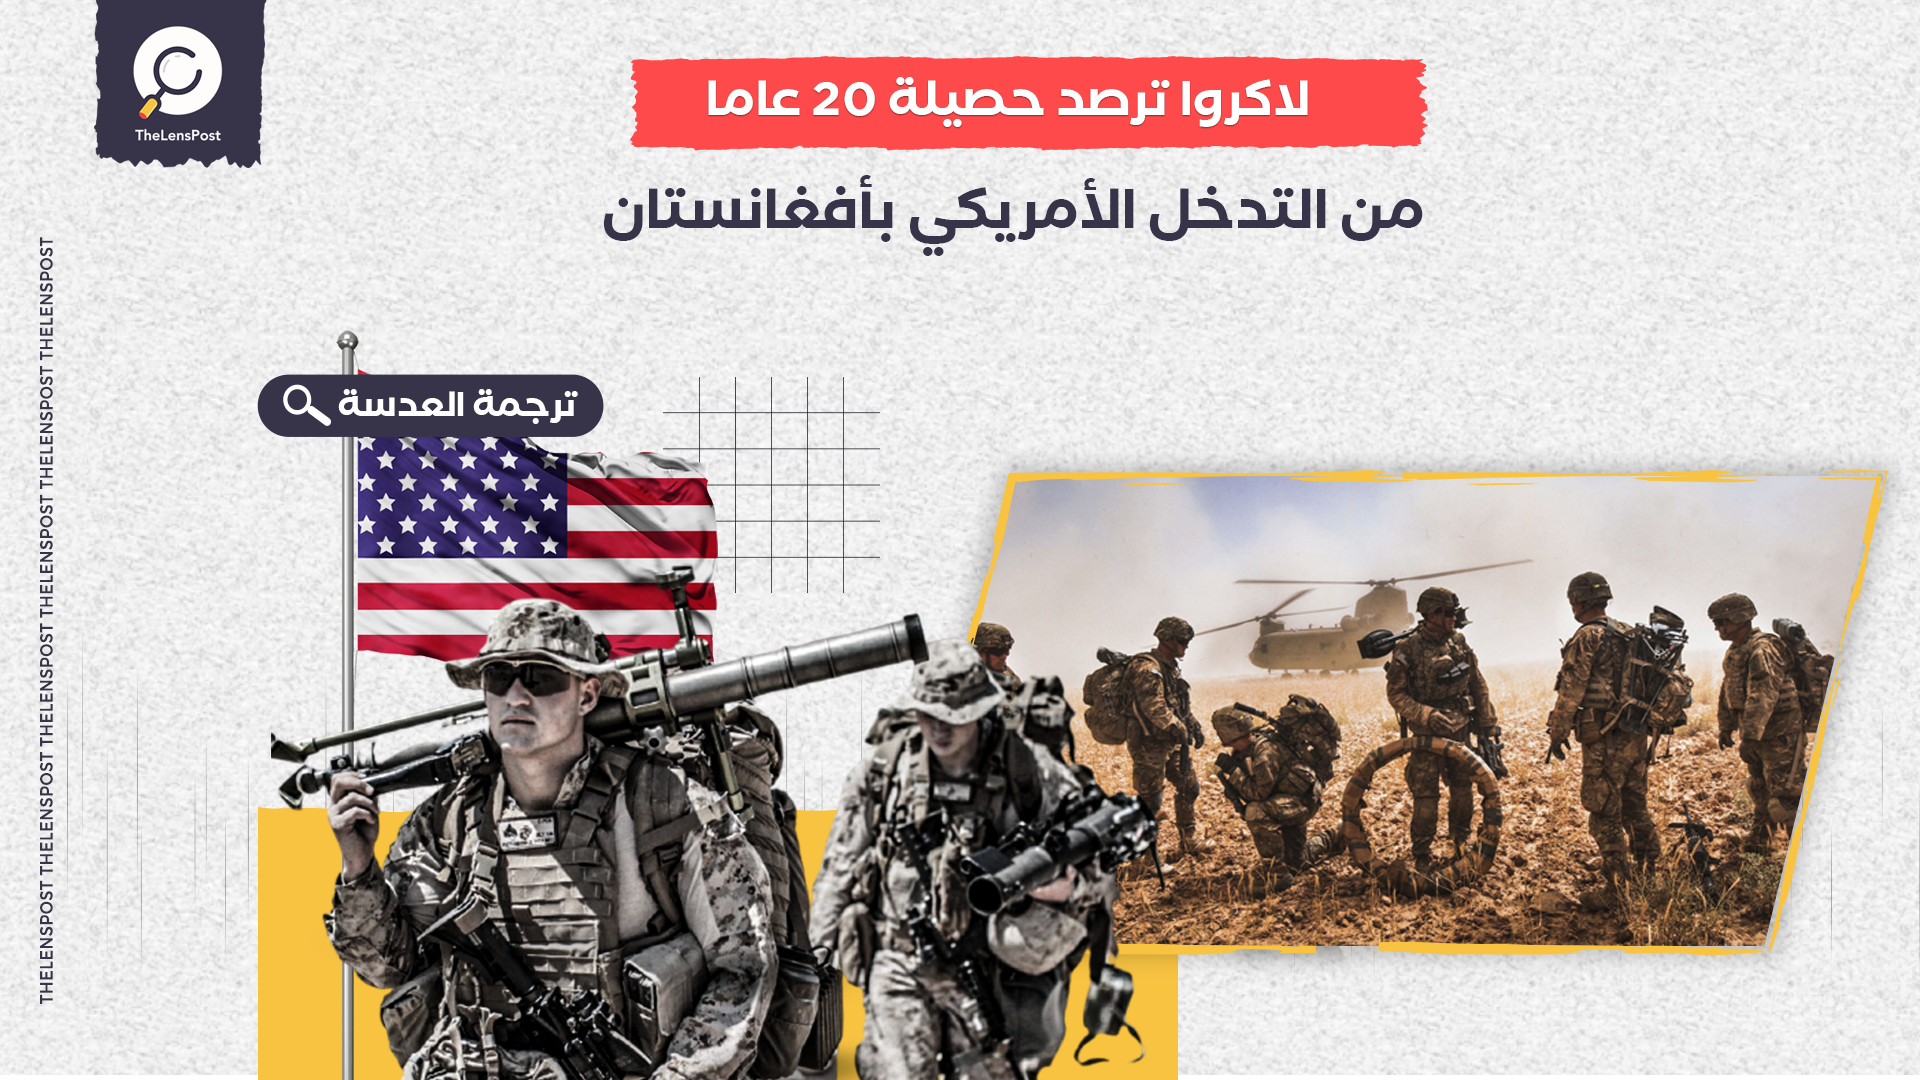 لاكروا ترصد حصيلة 20 عاما من التدخل الأمريكي بأفغانستان